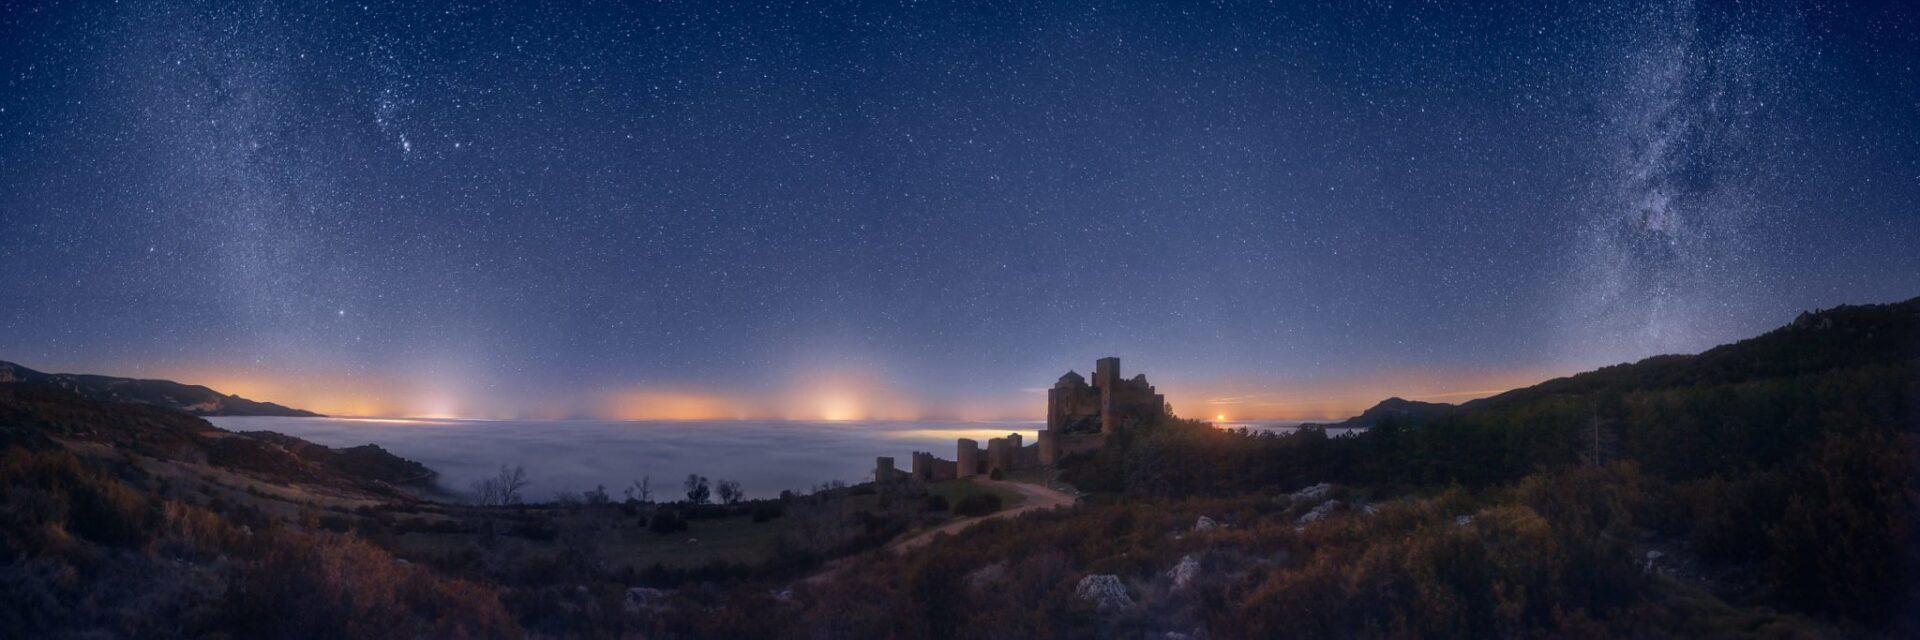 Fotografía nocturna del castillo de Loarre